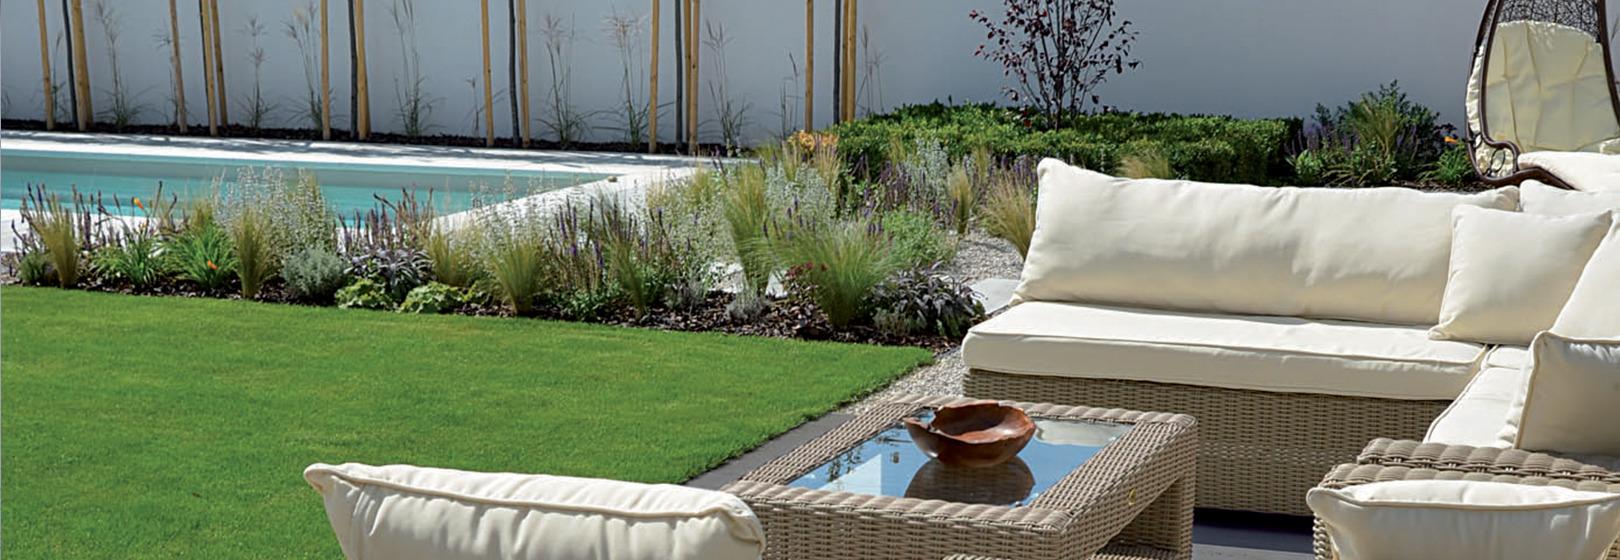 ogród z meblami ogrodowymi